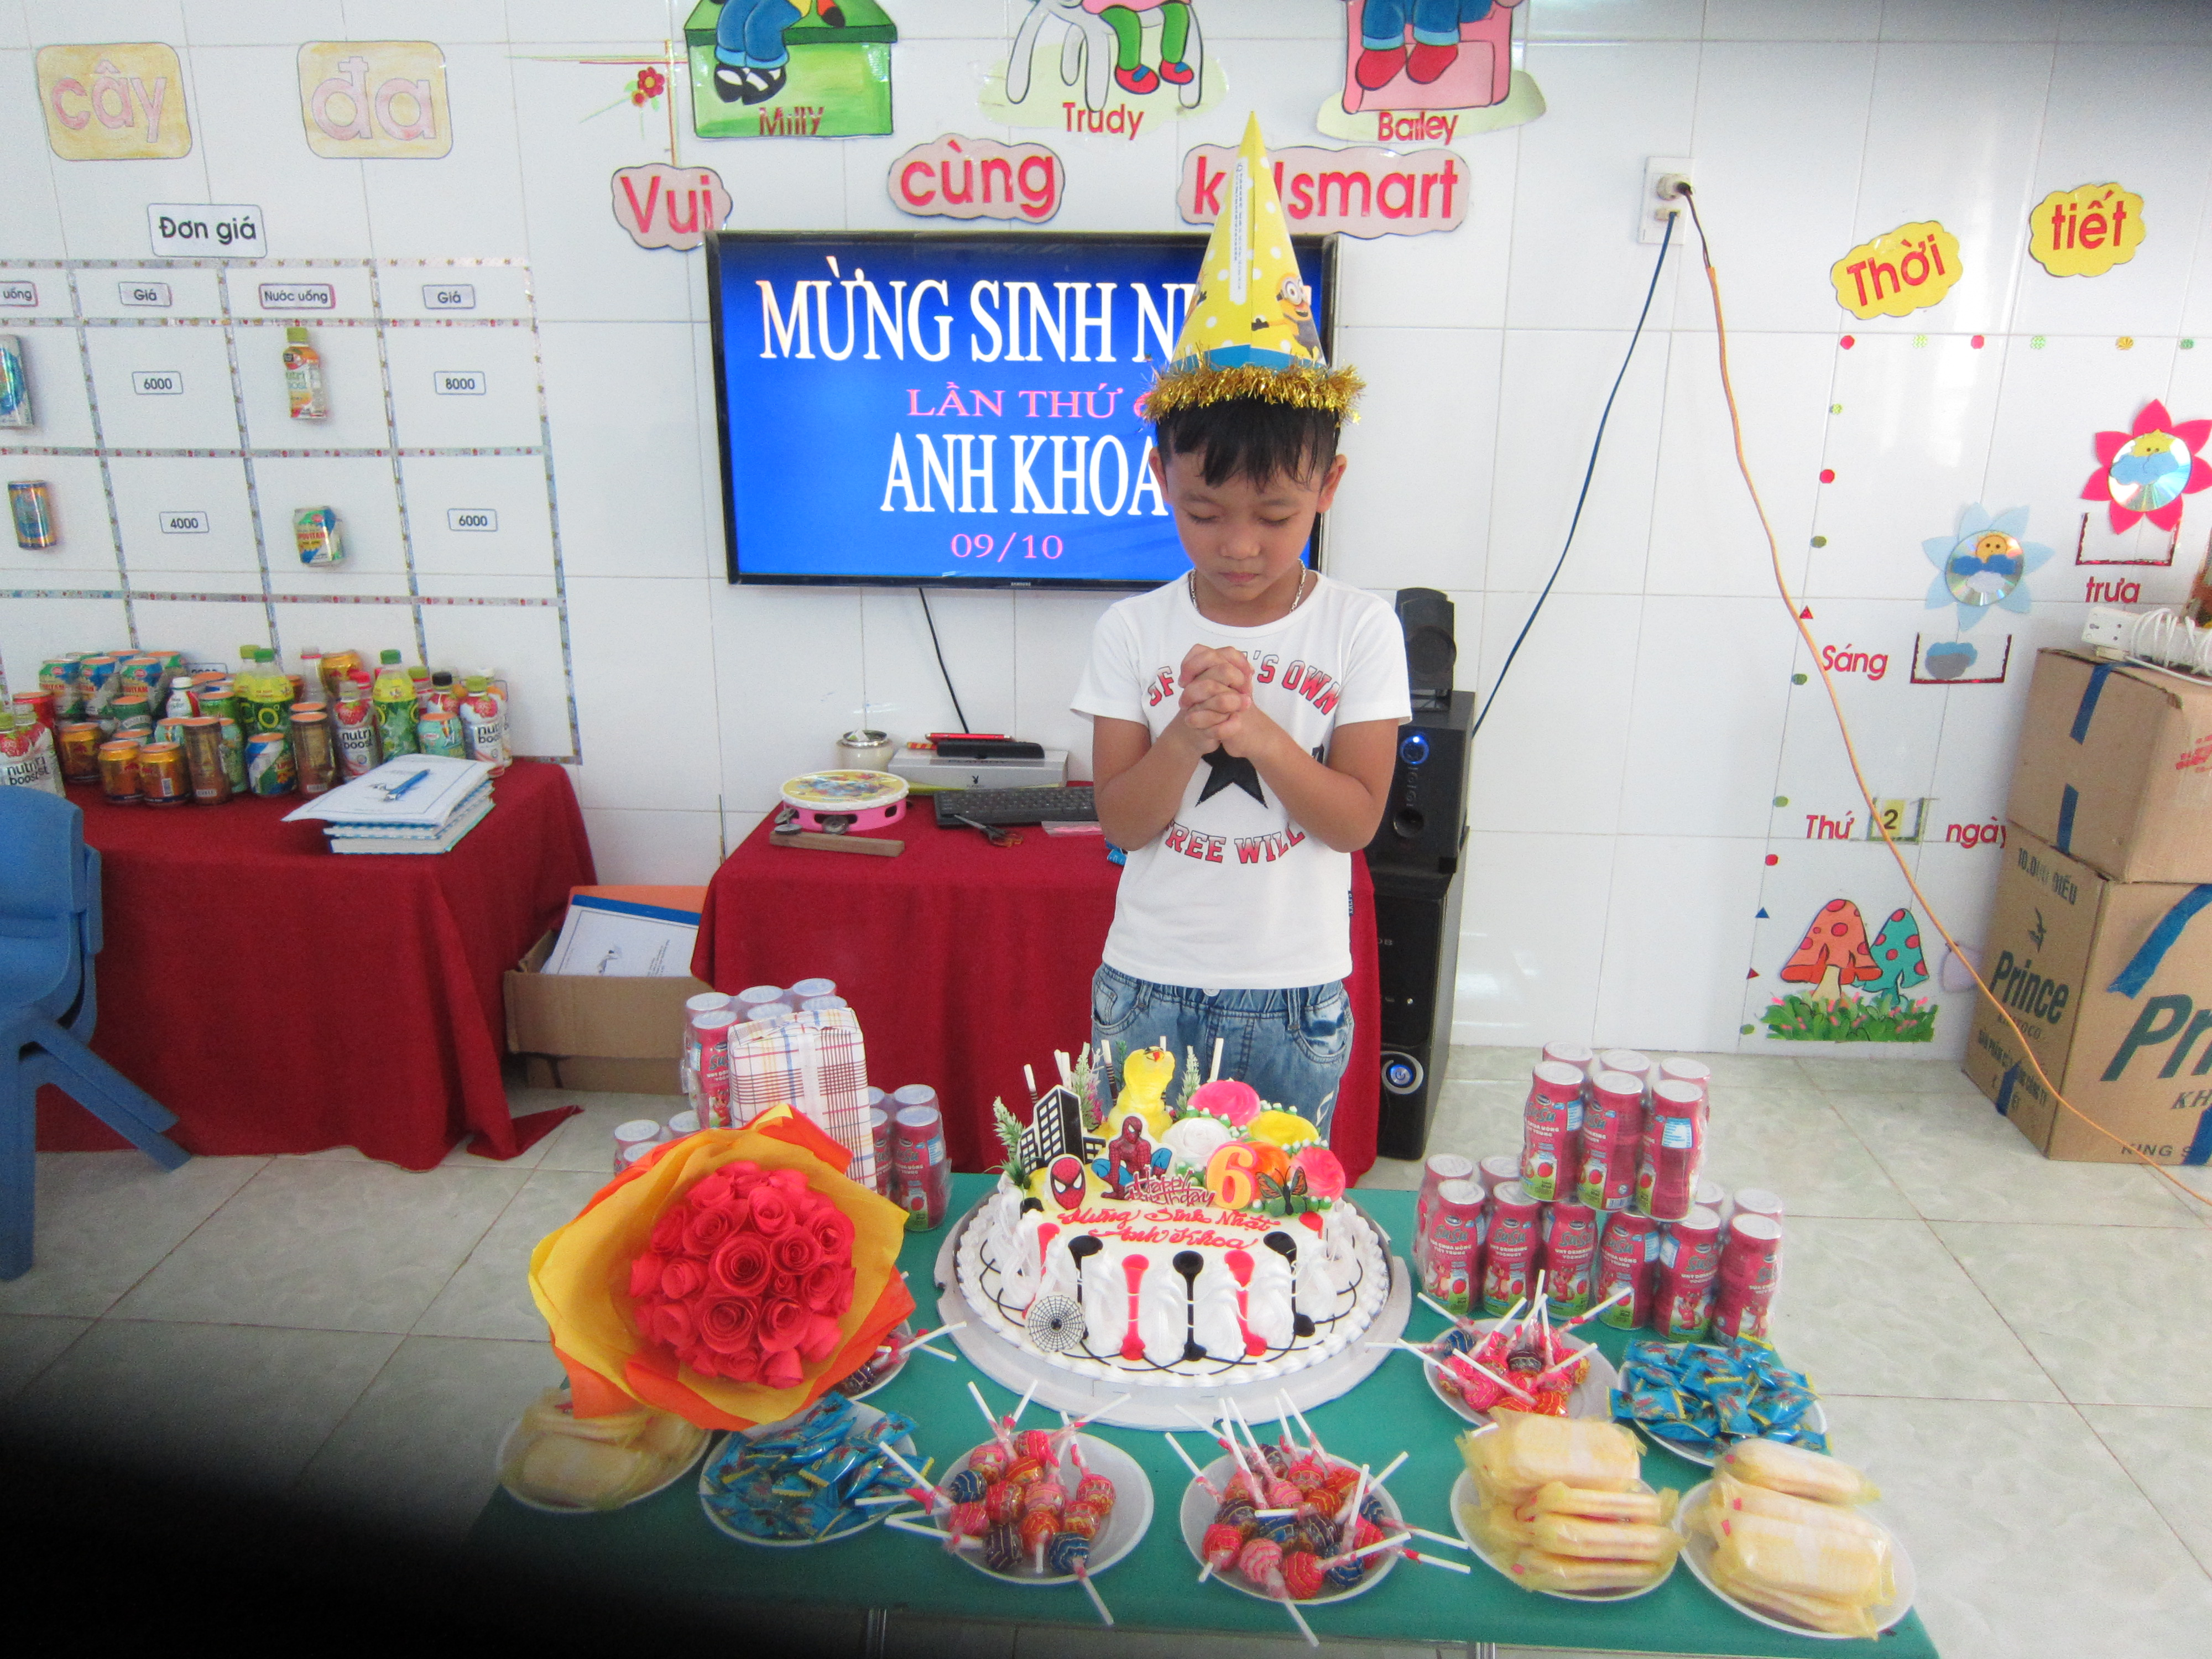 Lớp Lớn 2 tổ chức sinh nhật cho bé Lê Anh Khoa